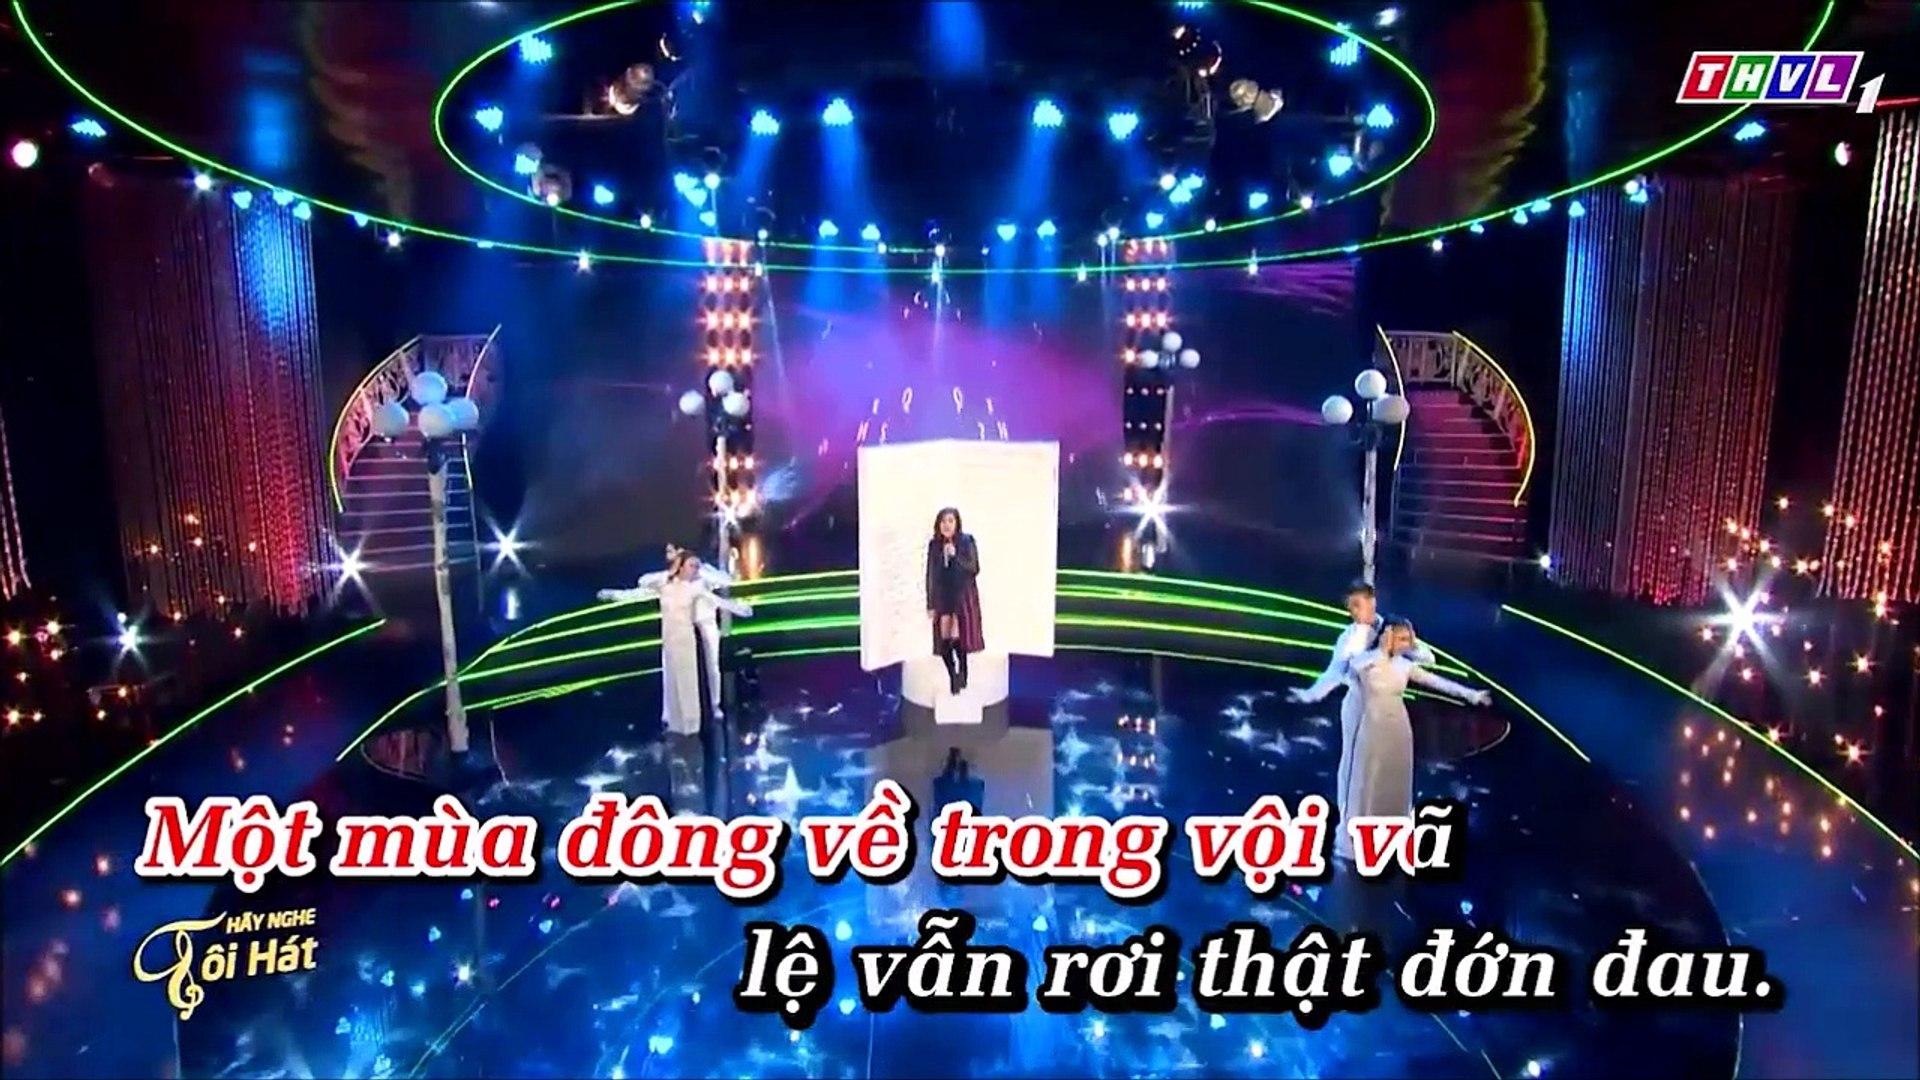 Liên Khúc Phút Ban Đầu & Trái Tim Lầm Lỡ - Lưu Bích MV 2016 ( Thúy Loan Cover )